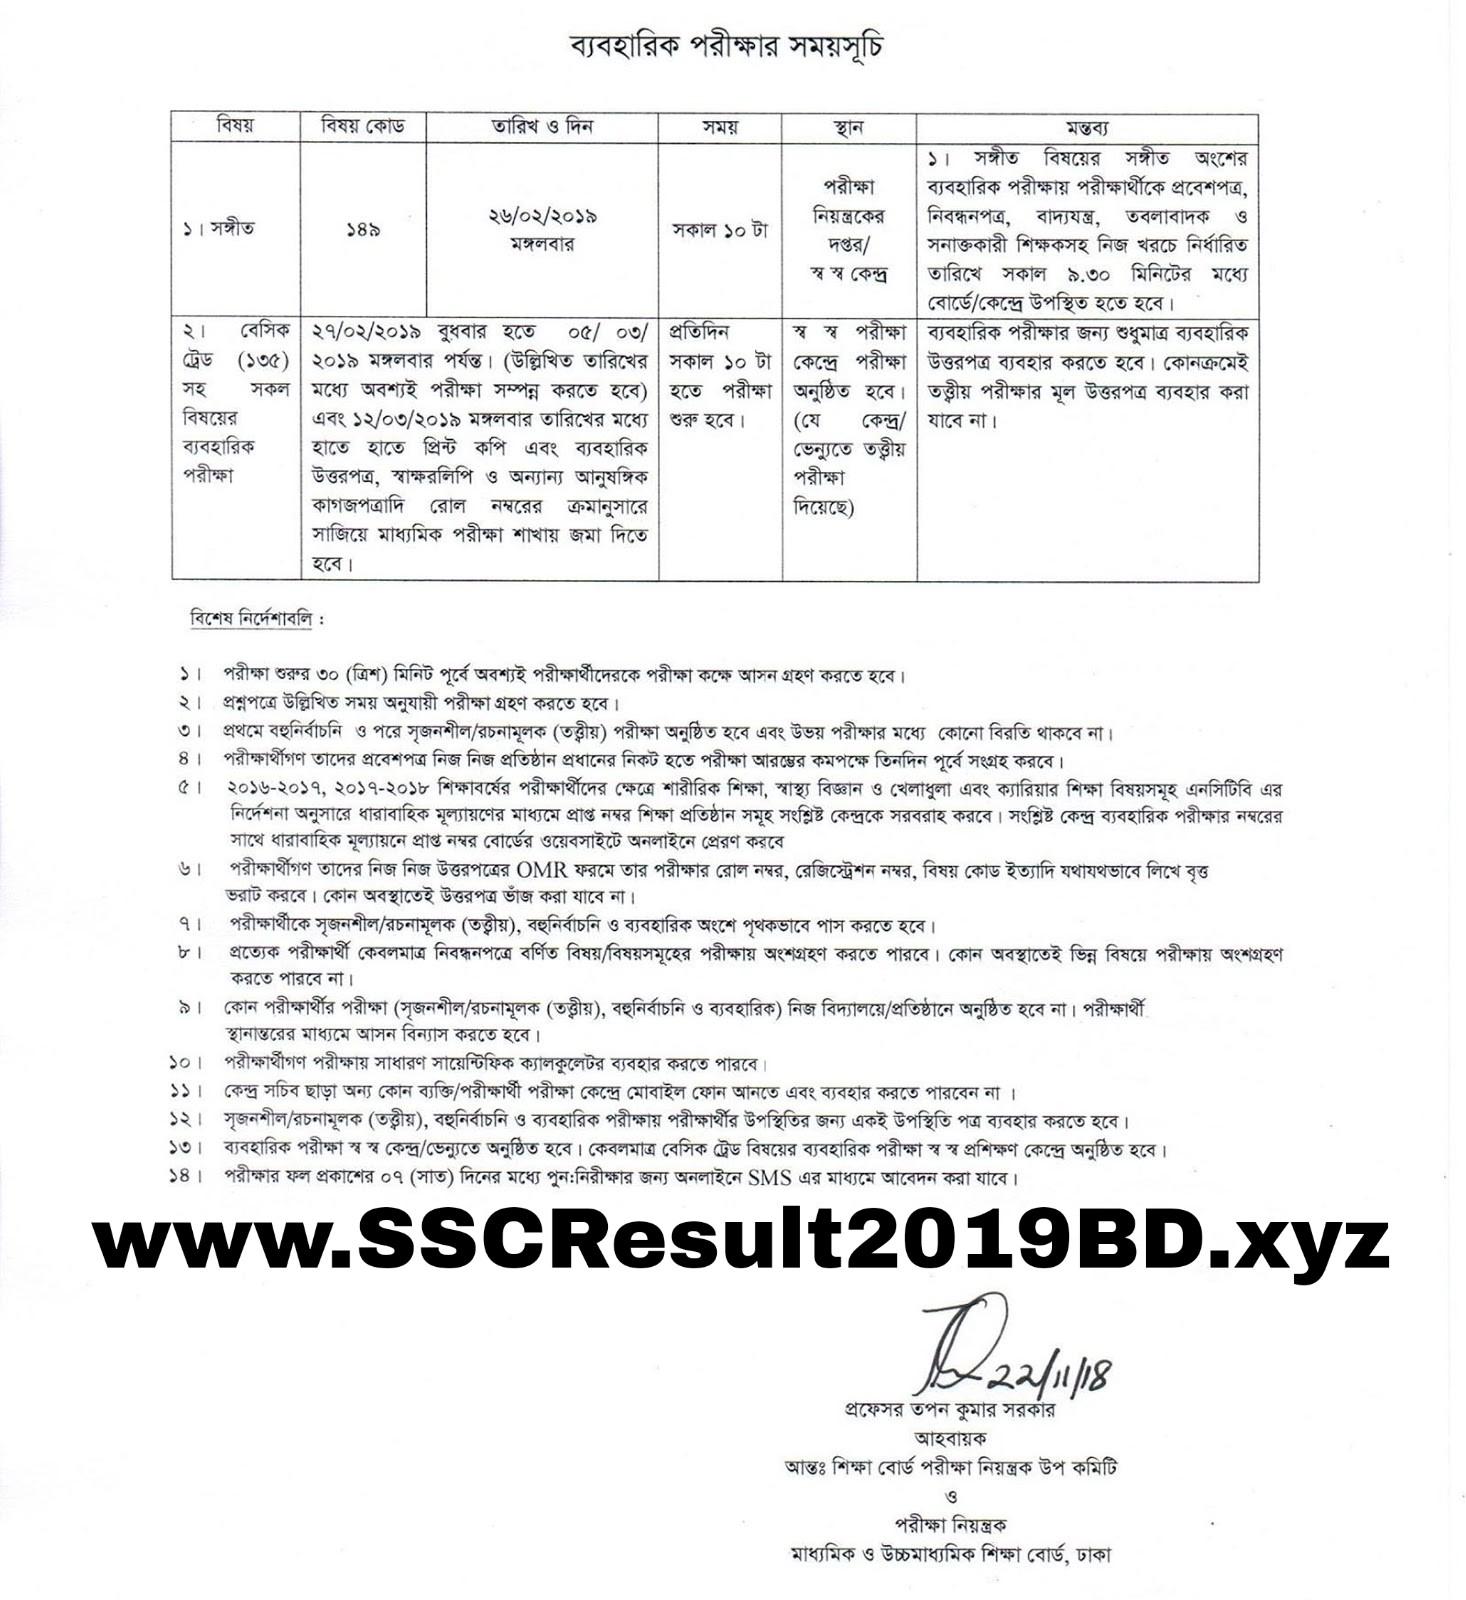 ssc routine 2019, ssc routine 2019 download, ssc routine 2019 jpg download, ssc routine 2019 png download  ssc routine 2019 pdf download, dakhil routine 2019 downlaod